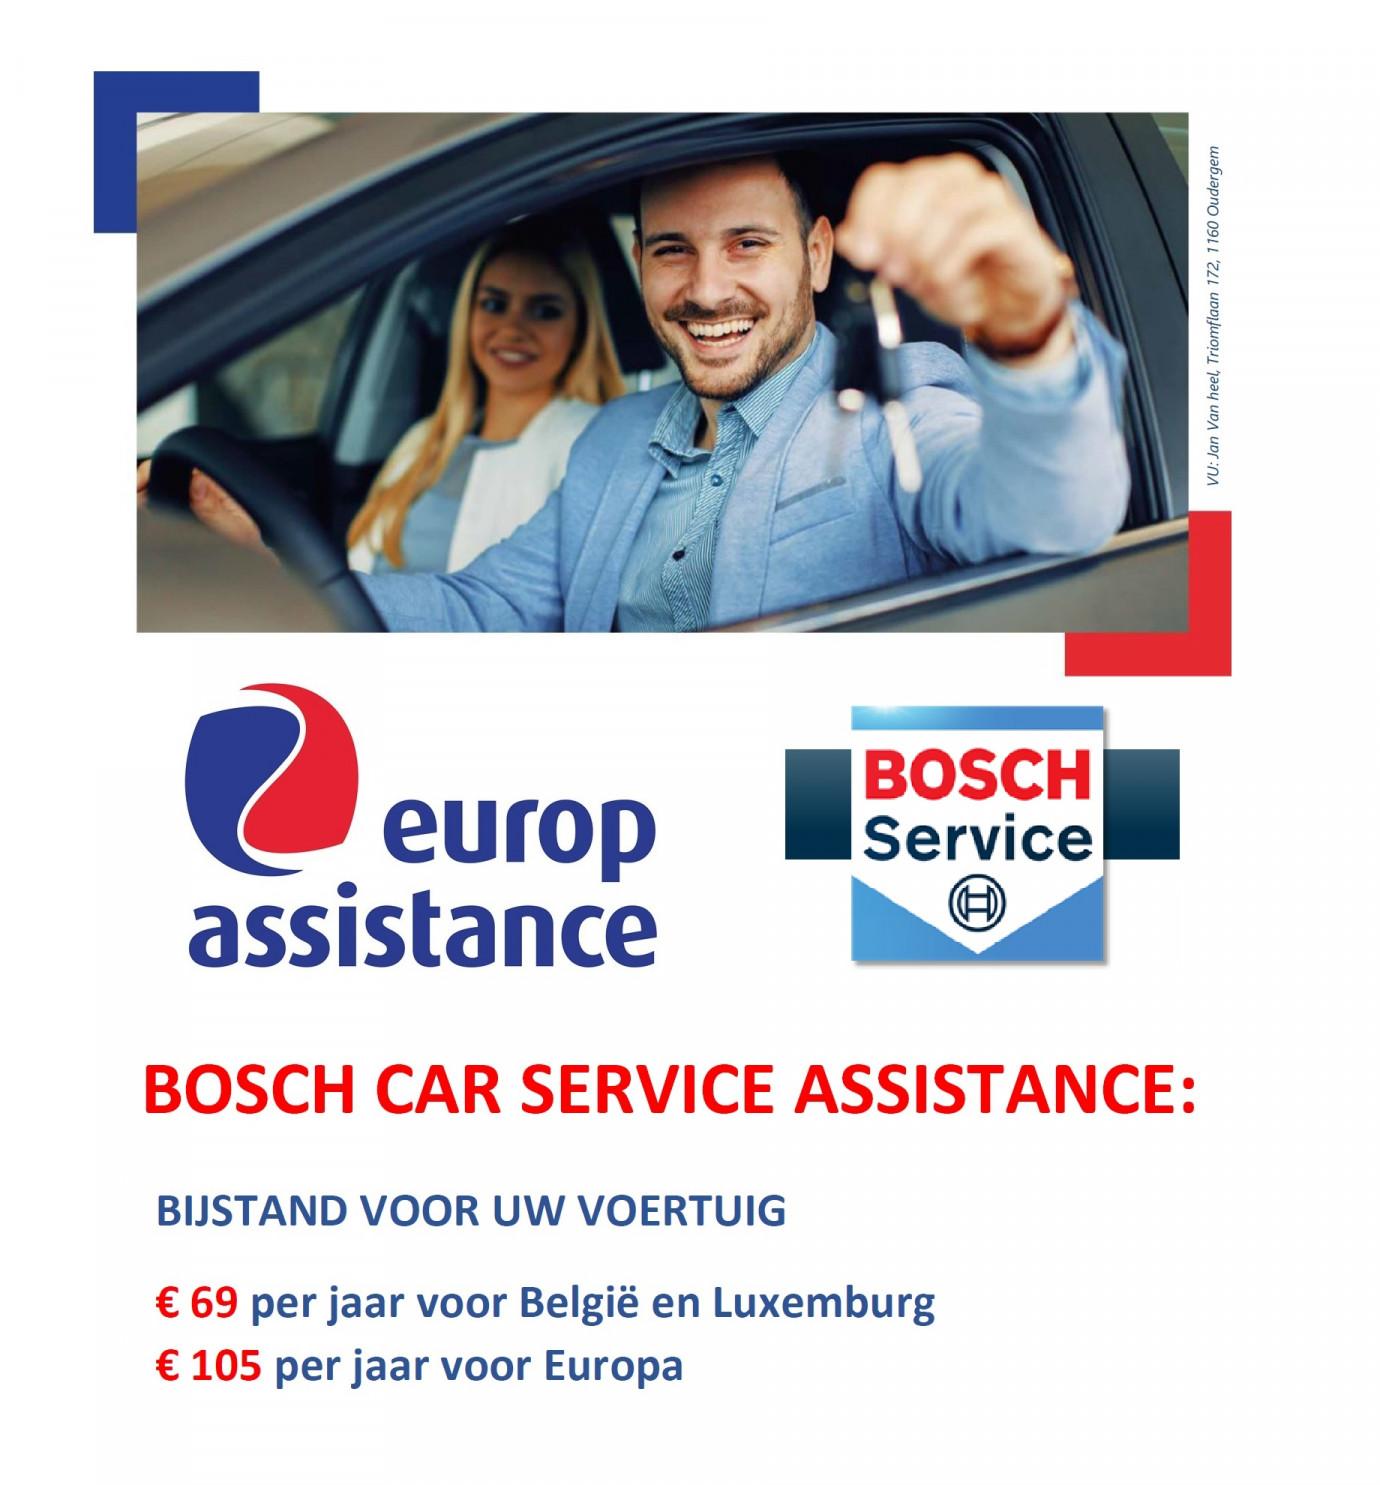 BOSCH - EUROP ASSISTANCE1.jpg